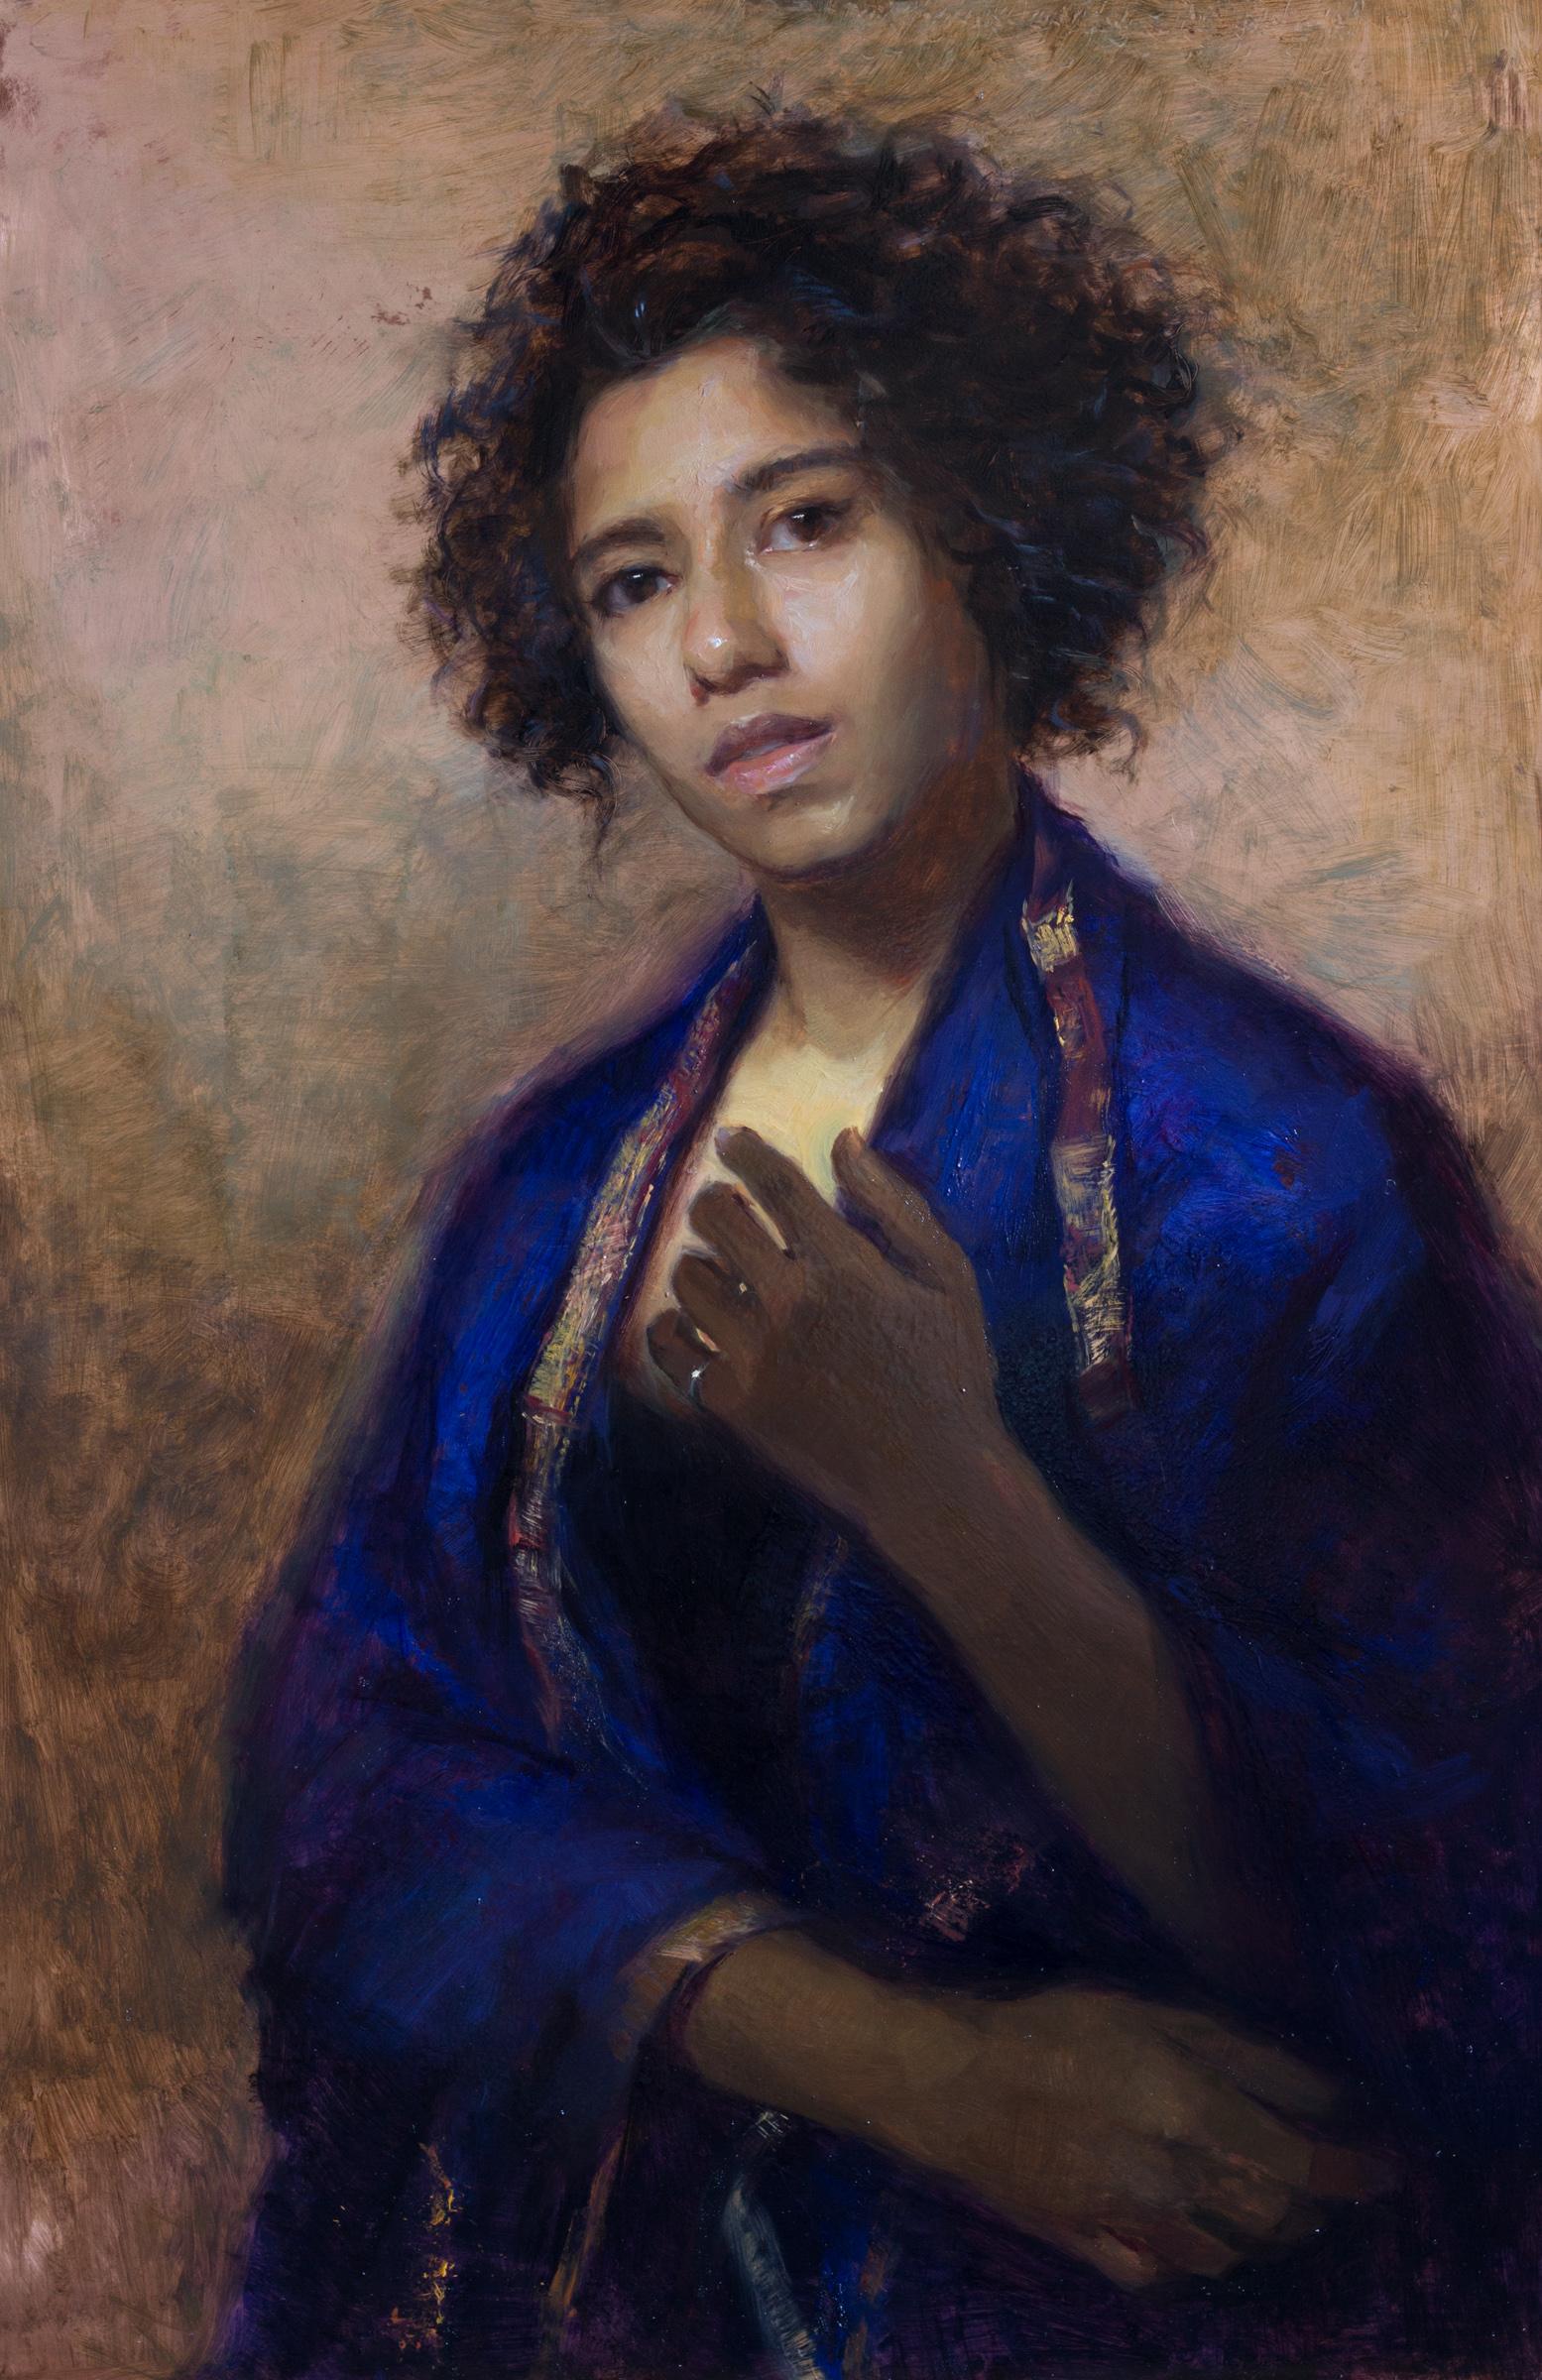 'Self portrait on Copper' 110 cm x 60 cm Oil on copper